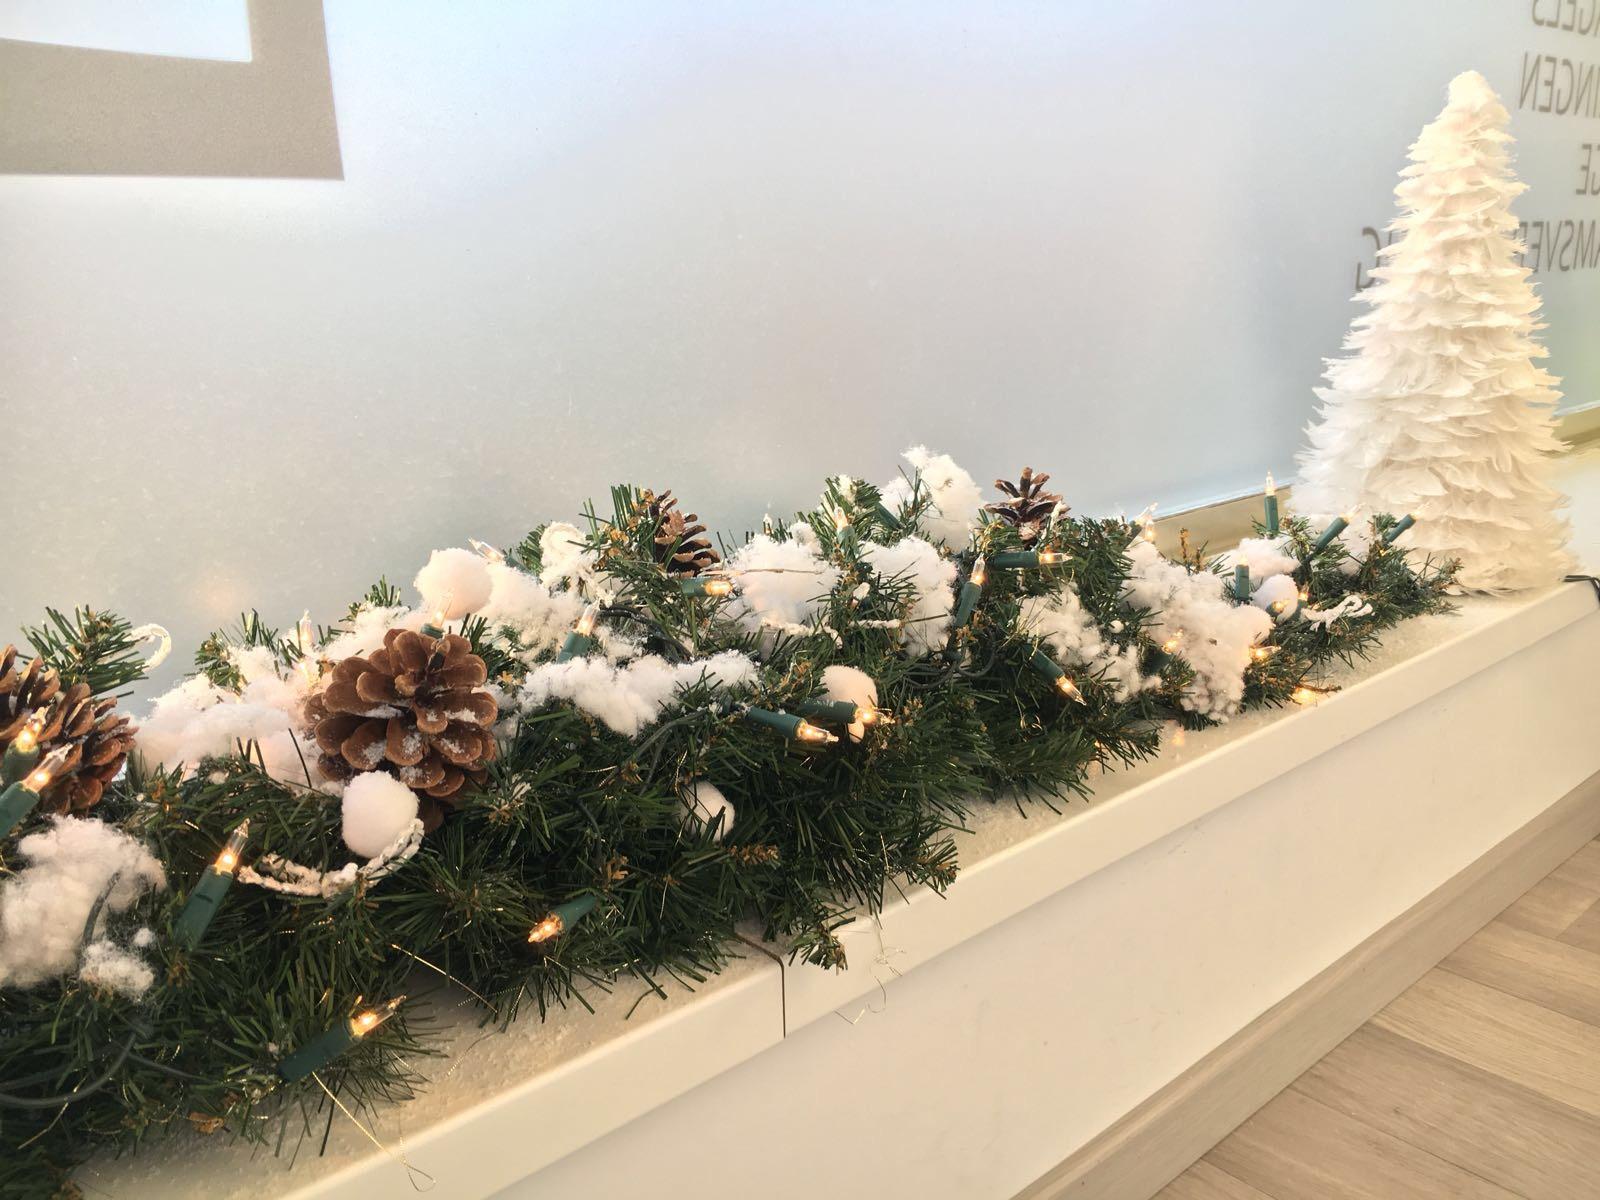 Guirlande met witte kerstdecoratie